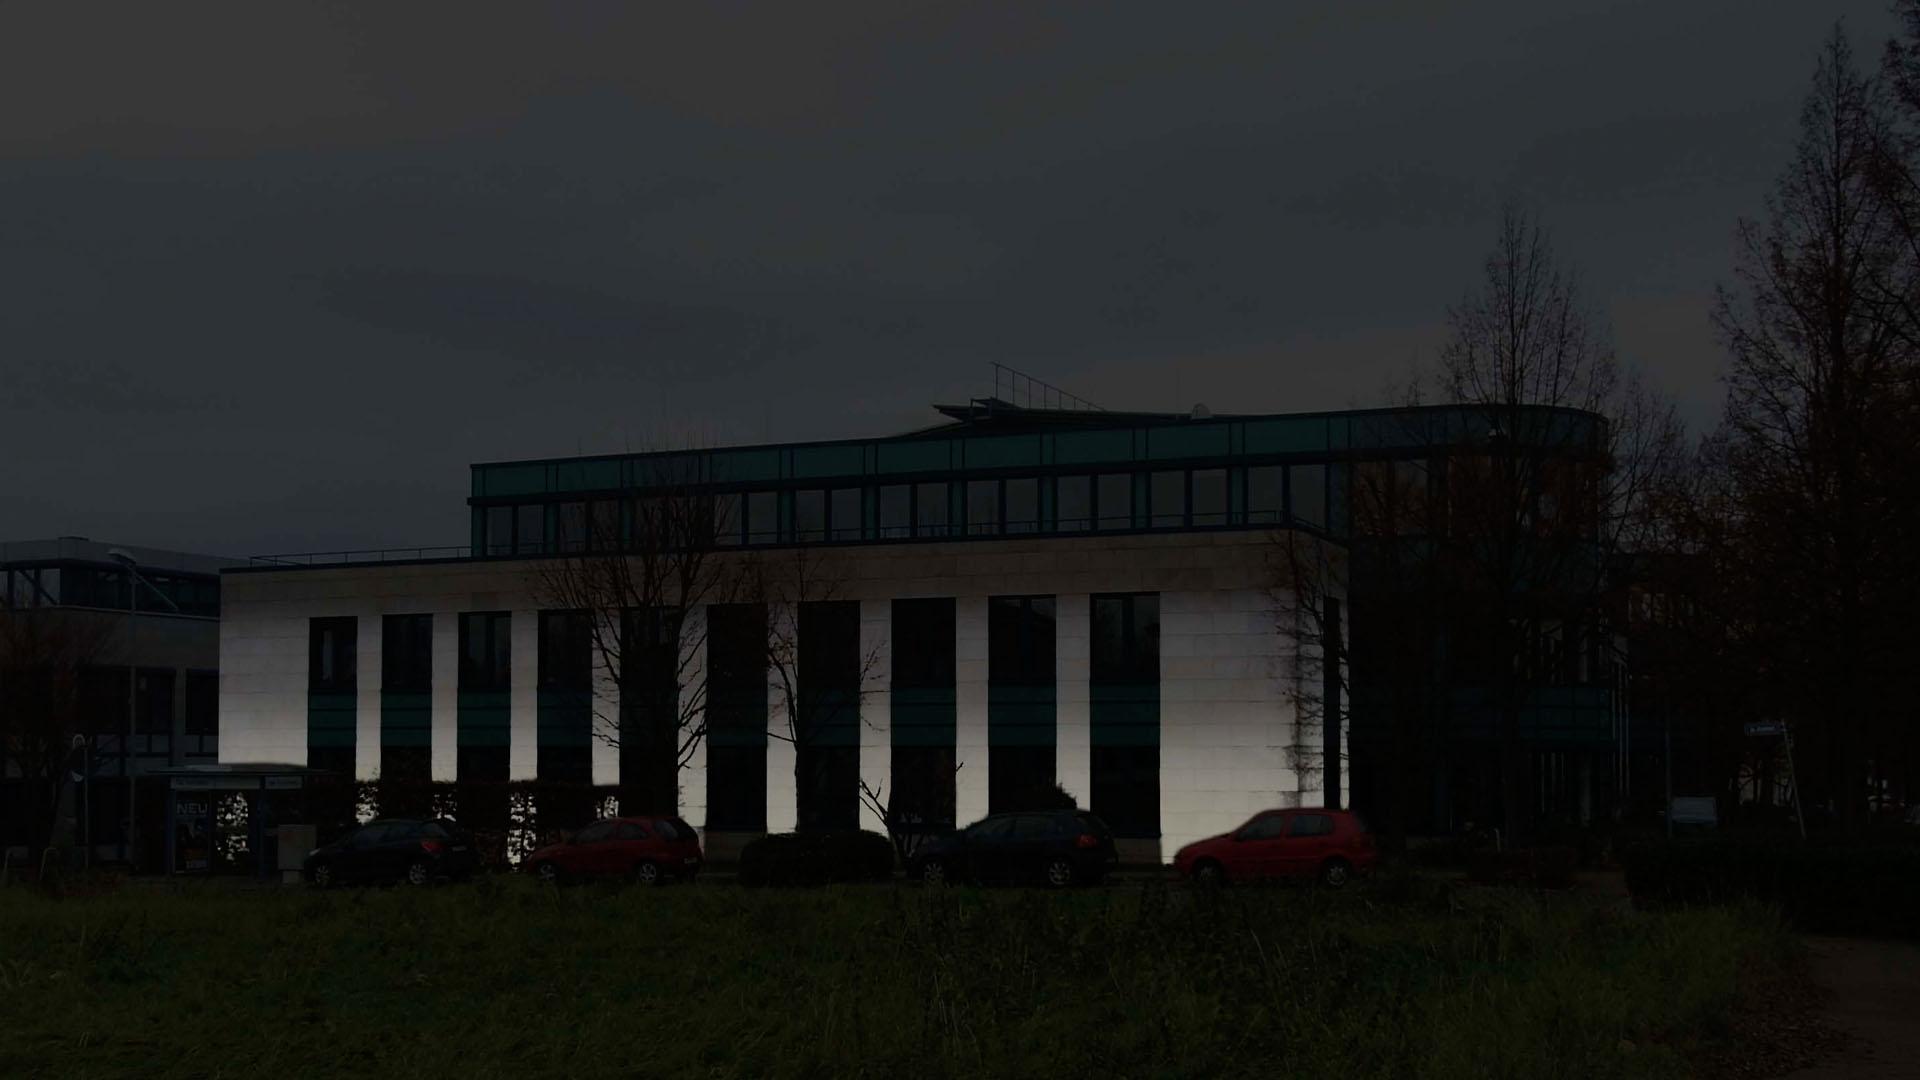 MAASS-Lichtplanung_Fassadenbeleuchtung Bürogebäude__MAASS-HP-003